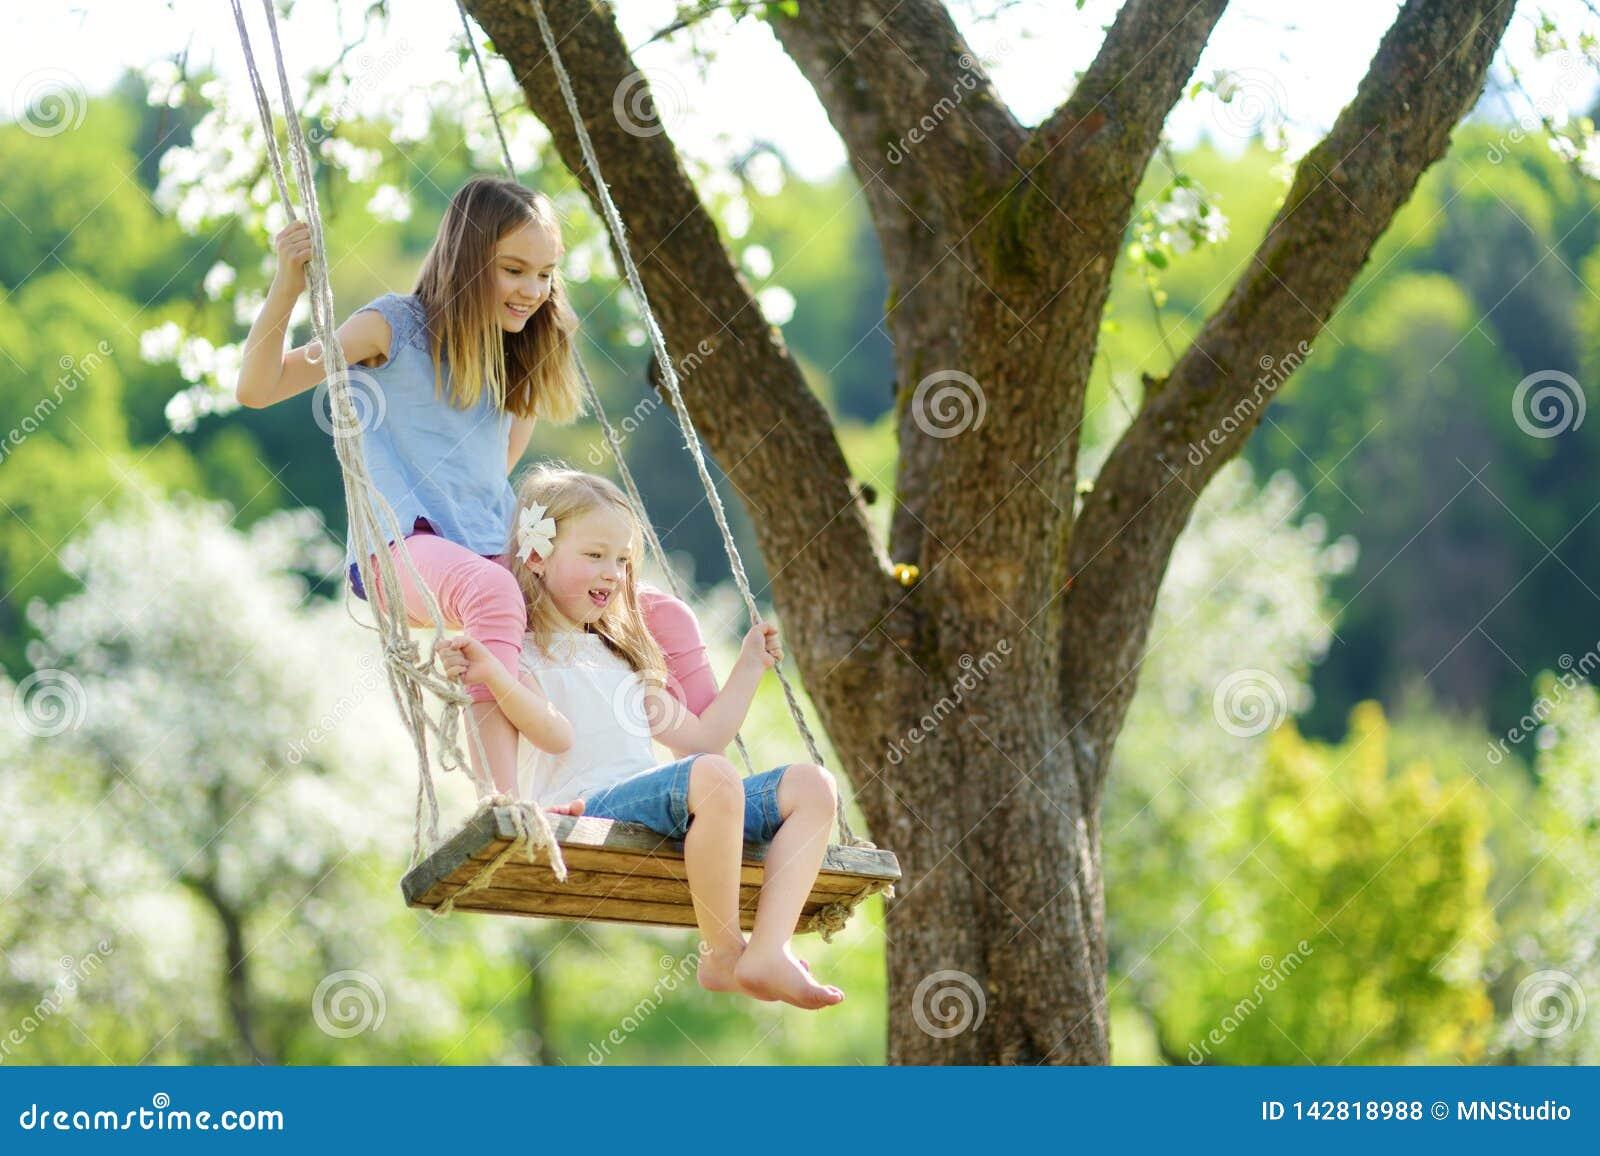 Zwei nette Schwestern, die Spaß auf einem Schwingen in blühendem altem Apfelbaumgarten draußen am sonnigen Frühlingstag haben